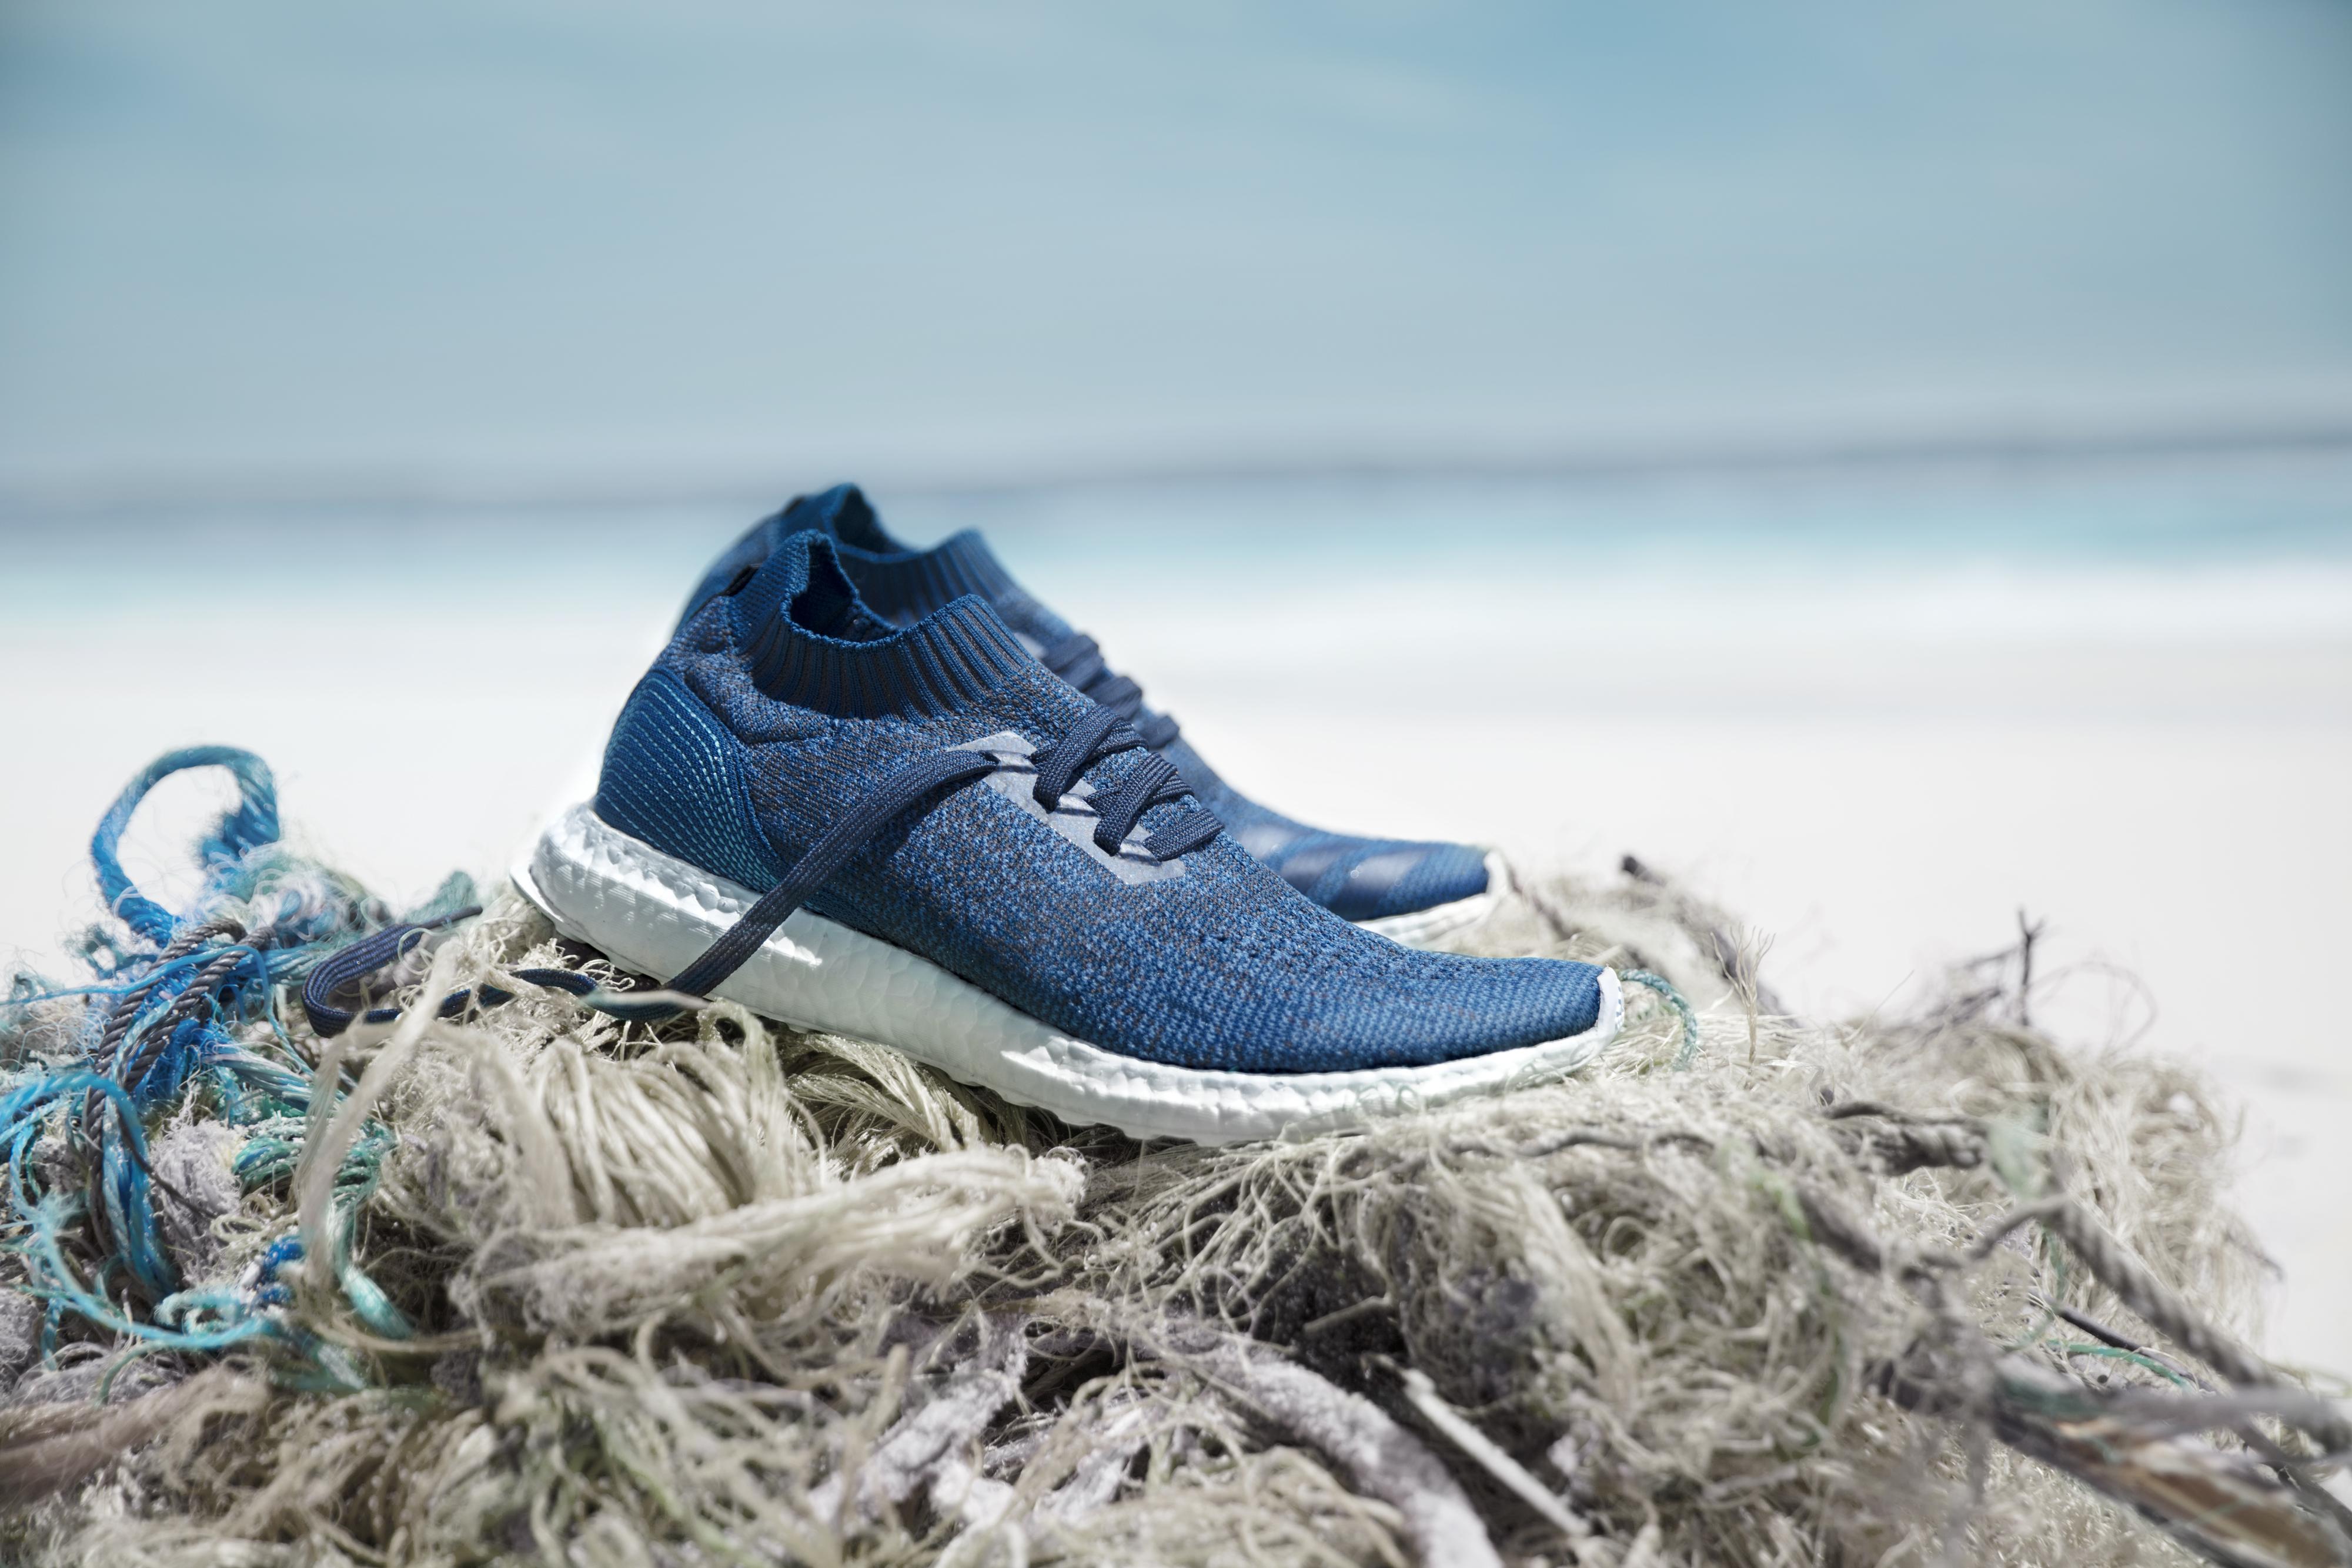 Adidas vai transformar plástico dos oceanos em 11 milhões de